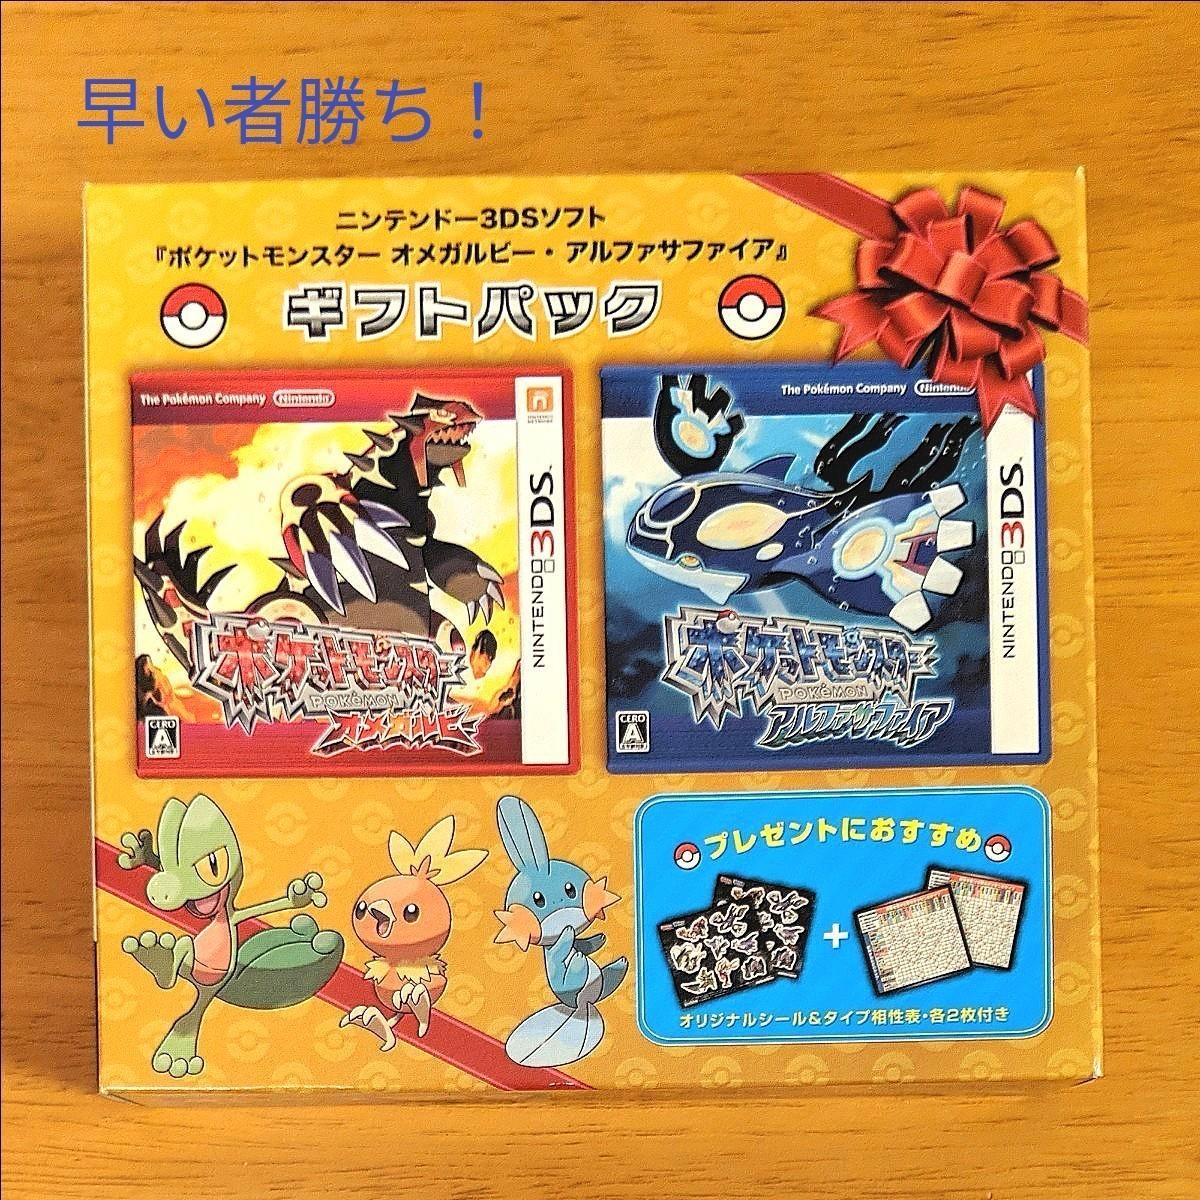 任天堂 ニンテンドー3DSソフト ポケットモンスター オメガルビー アルファサファイア ギフトパック ポケモン 限定